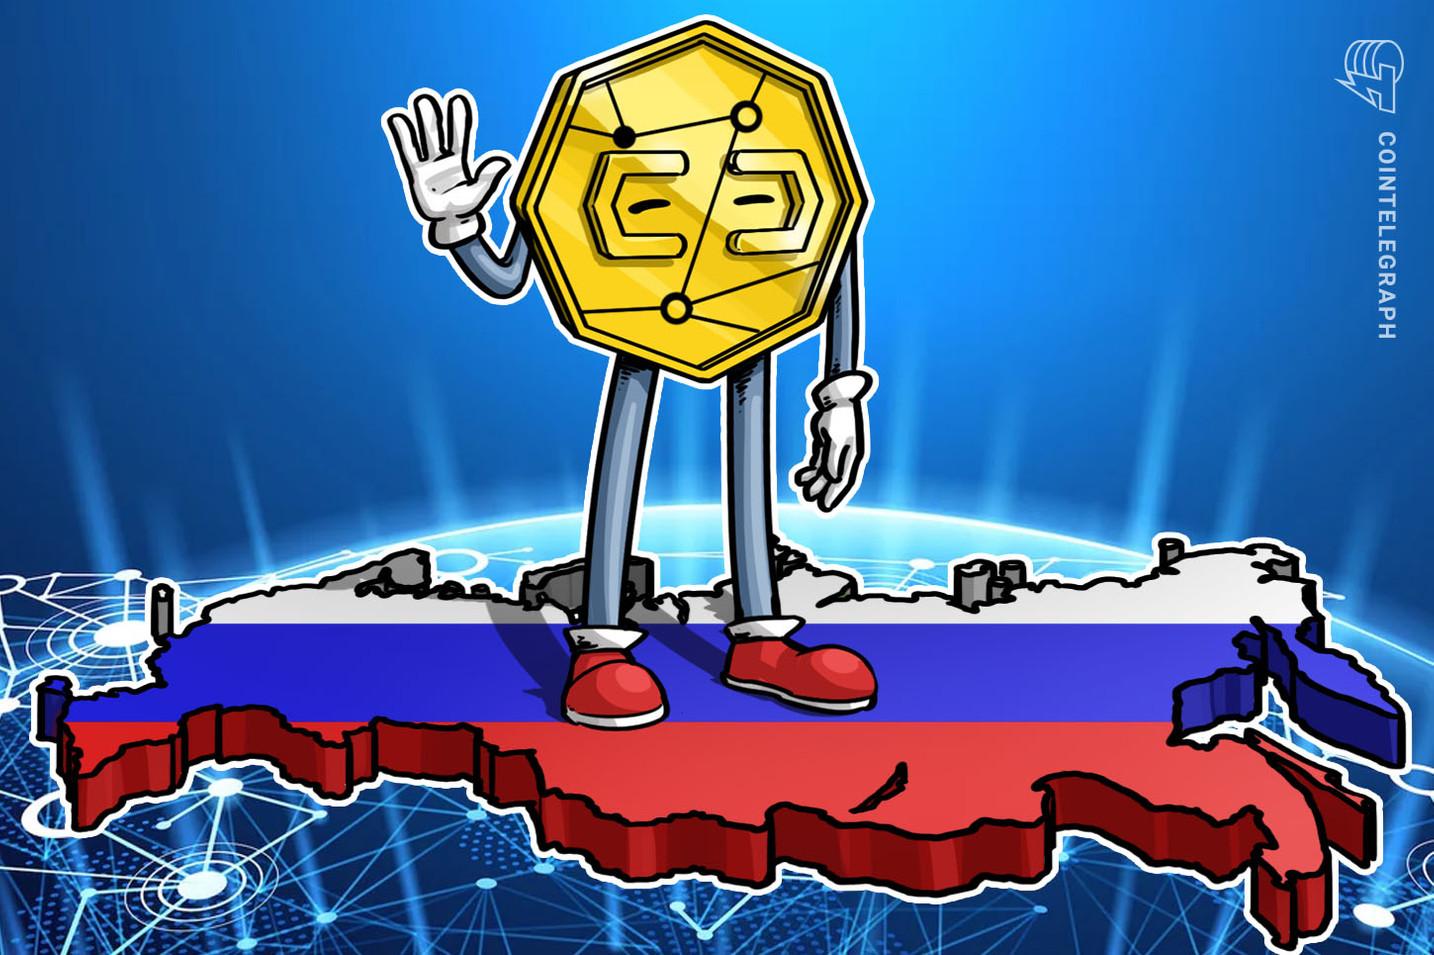 خبيرٌ بالدولة: روسيا ليست بحاجة إلى أن تكون أول من يصدر عملة رقمية